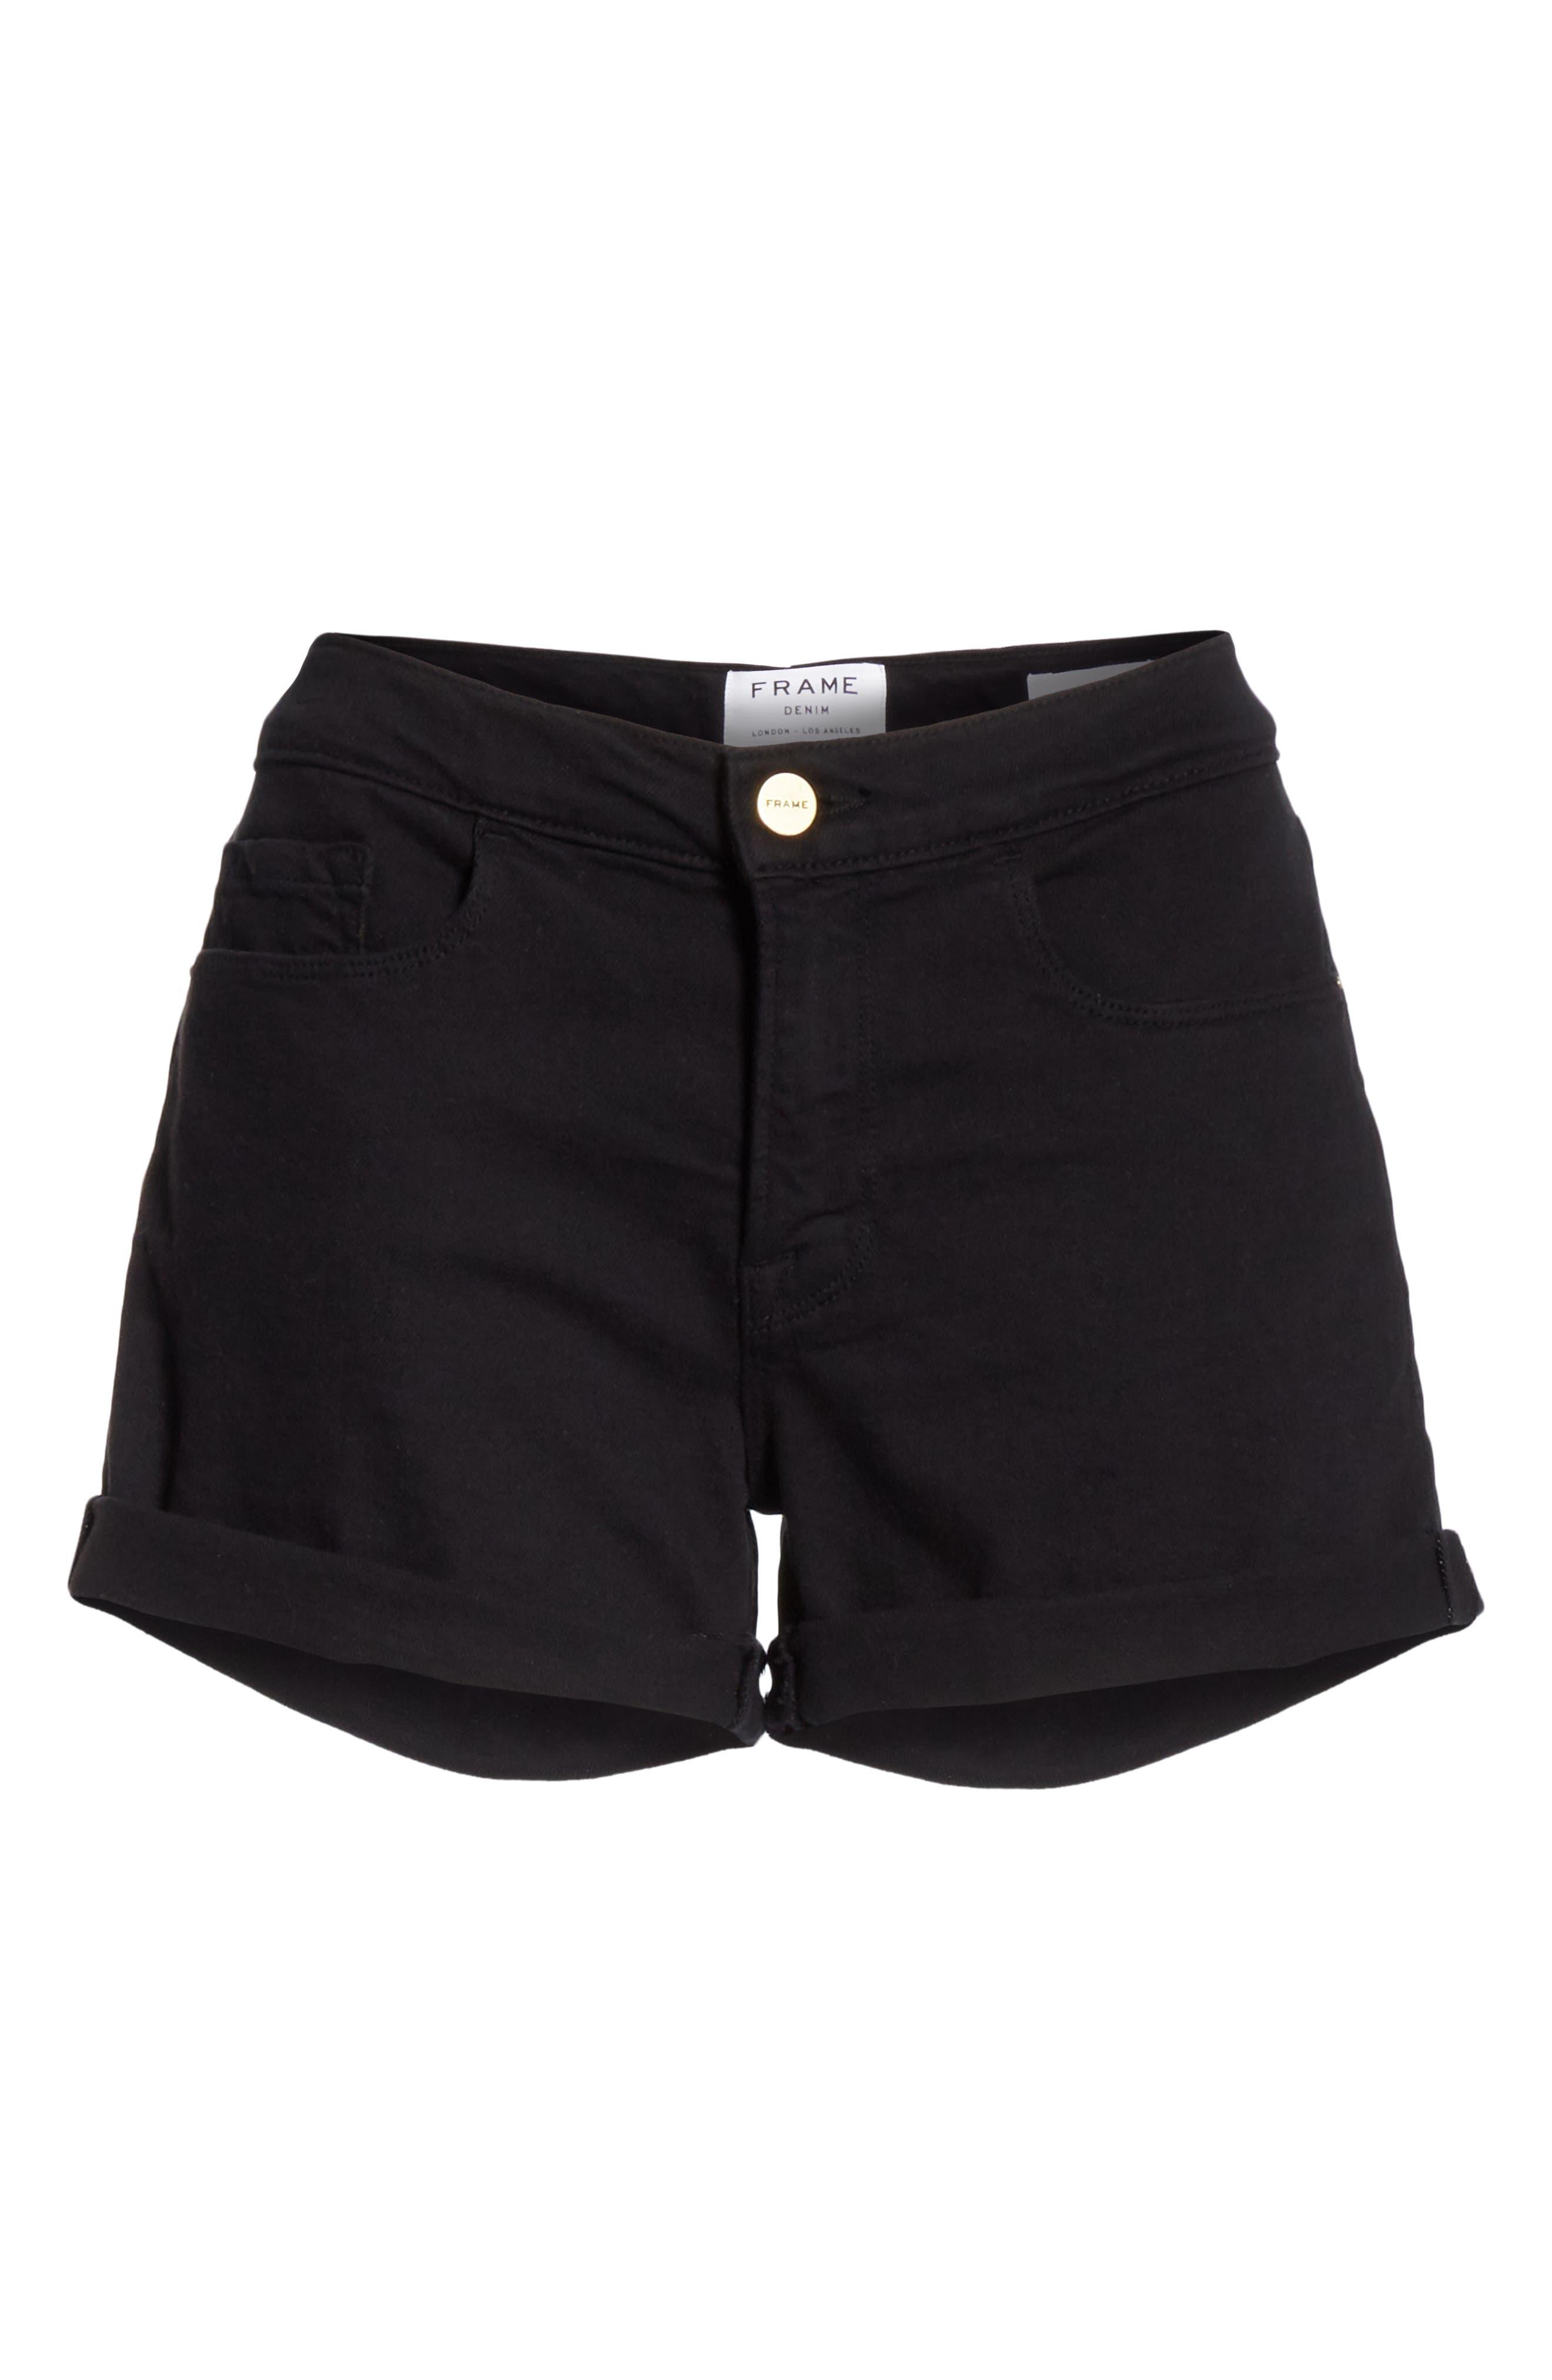 FRAME, Le Cutoff Cuffed Jean Shorts, Alternate thumbnail 7, color, NOIR